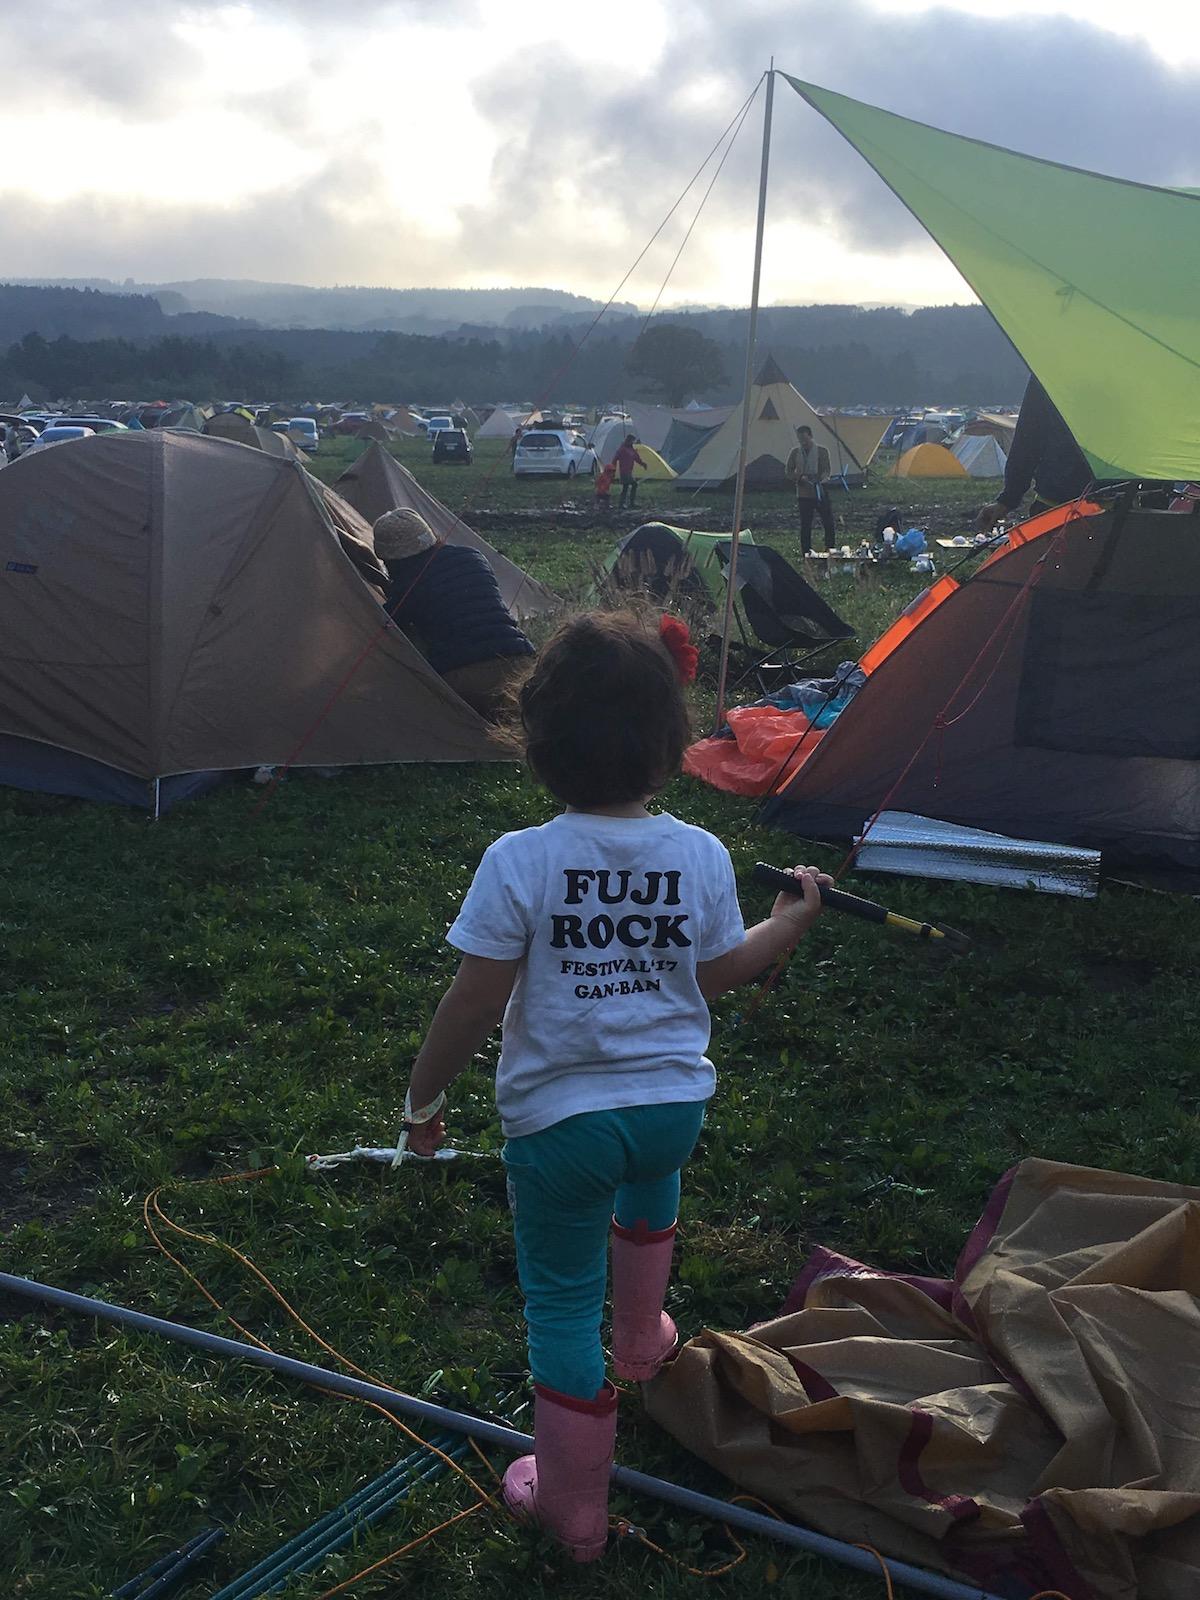 41 【こどもフジロック】朝霧Jam'18子連れフェス体験記〜3歳児とのキャンプ・イン・フェスの過ごし方〜